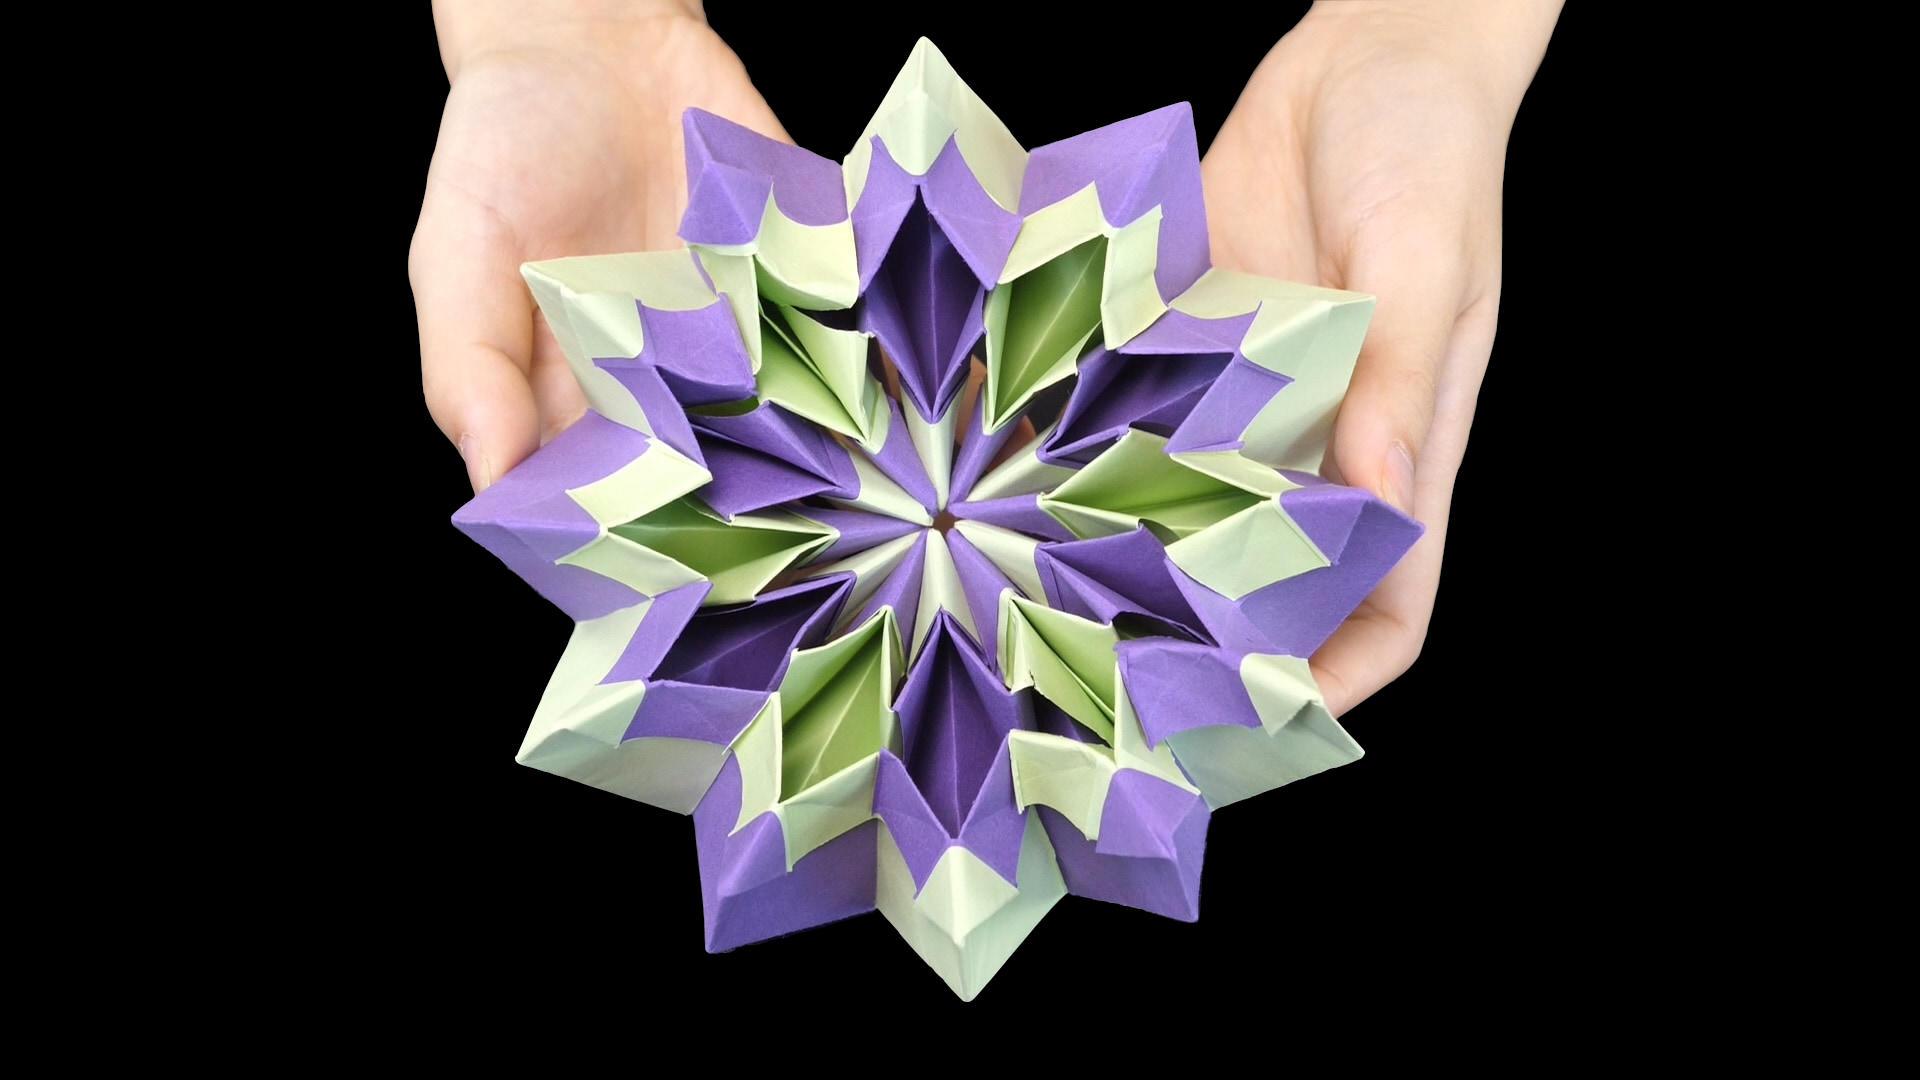 #无限翻转的烟花折纸#这种可以无限翻转的烟花折纸,很多人见过但不会折,其实非常简单